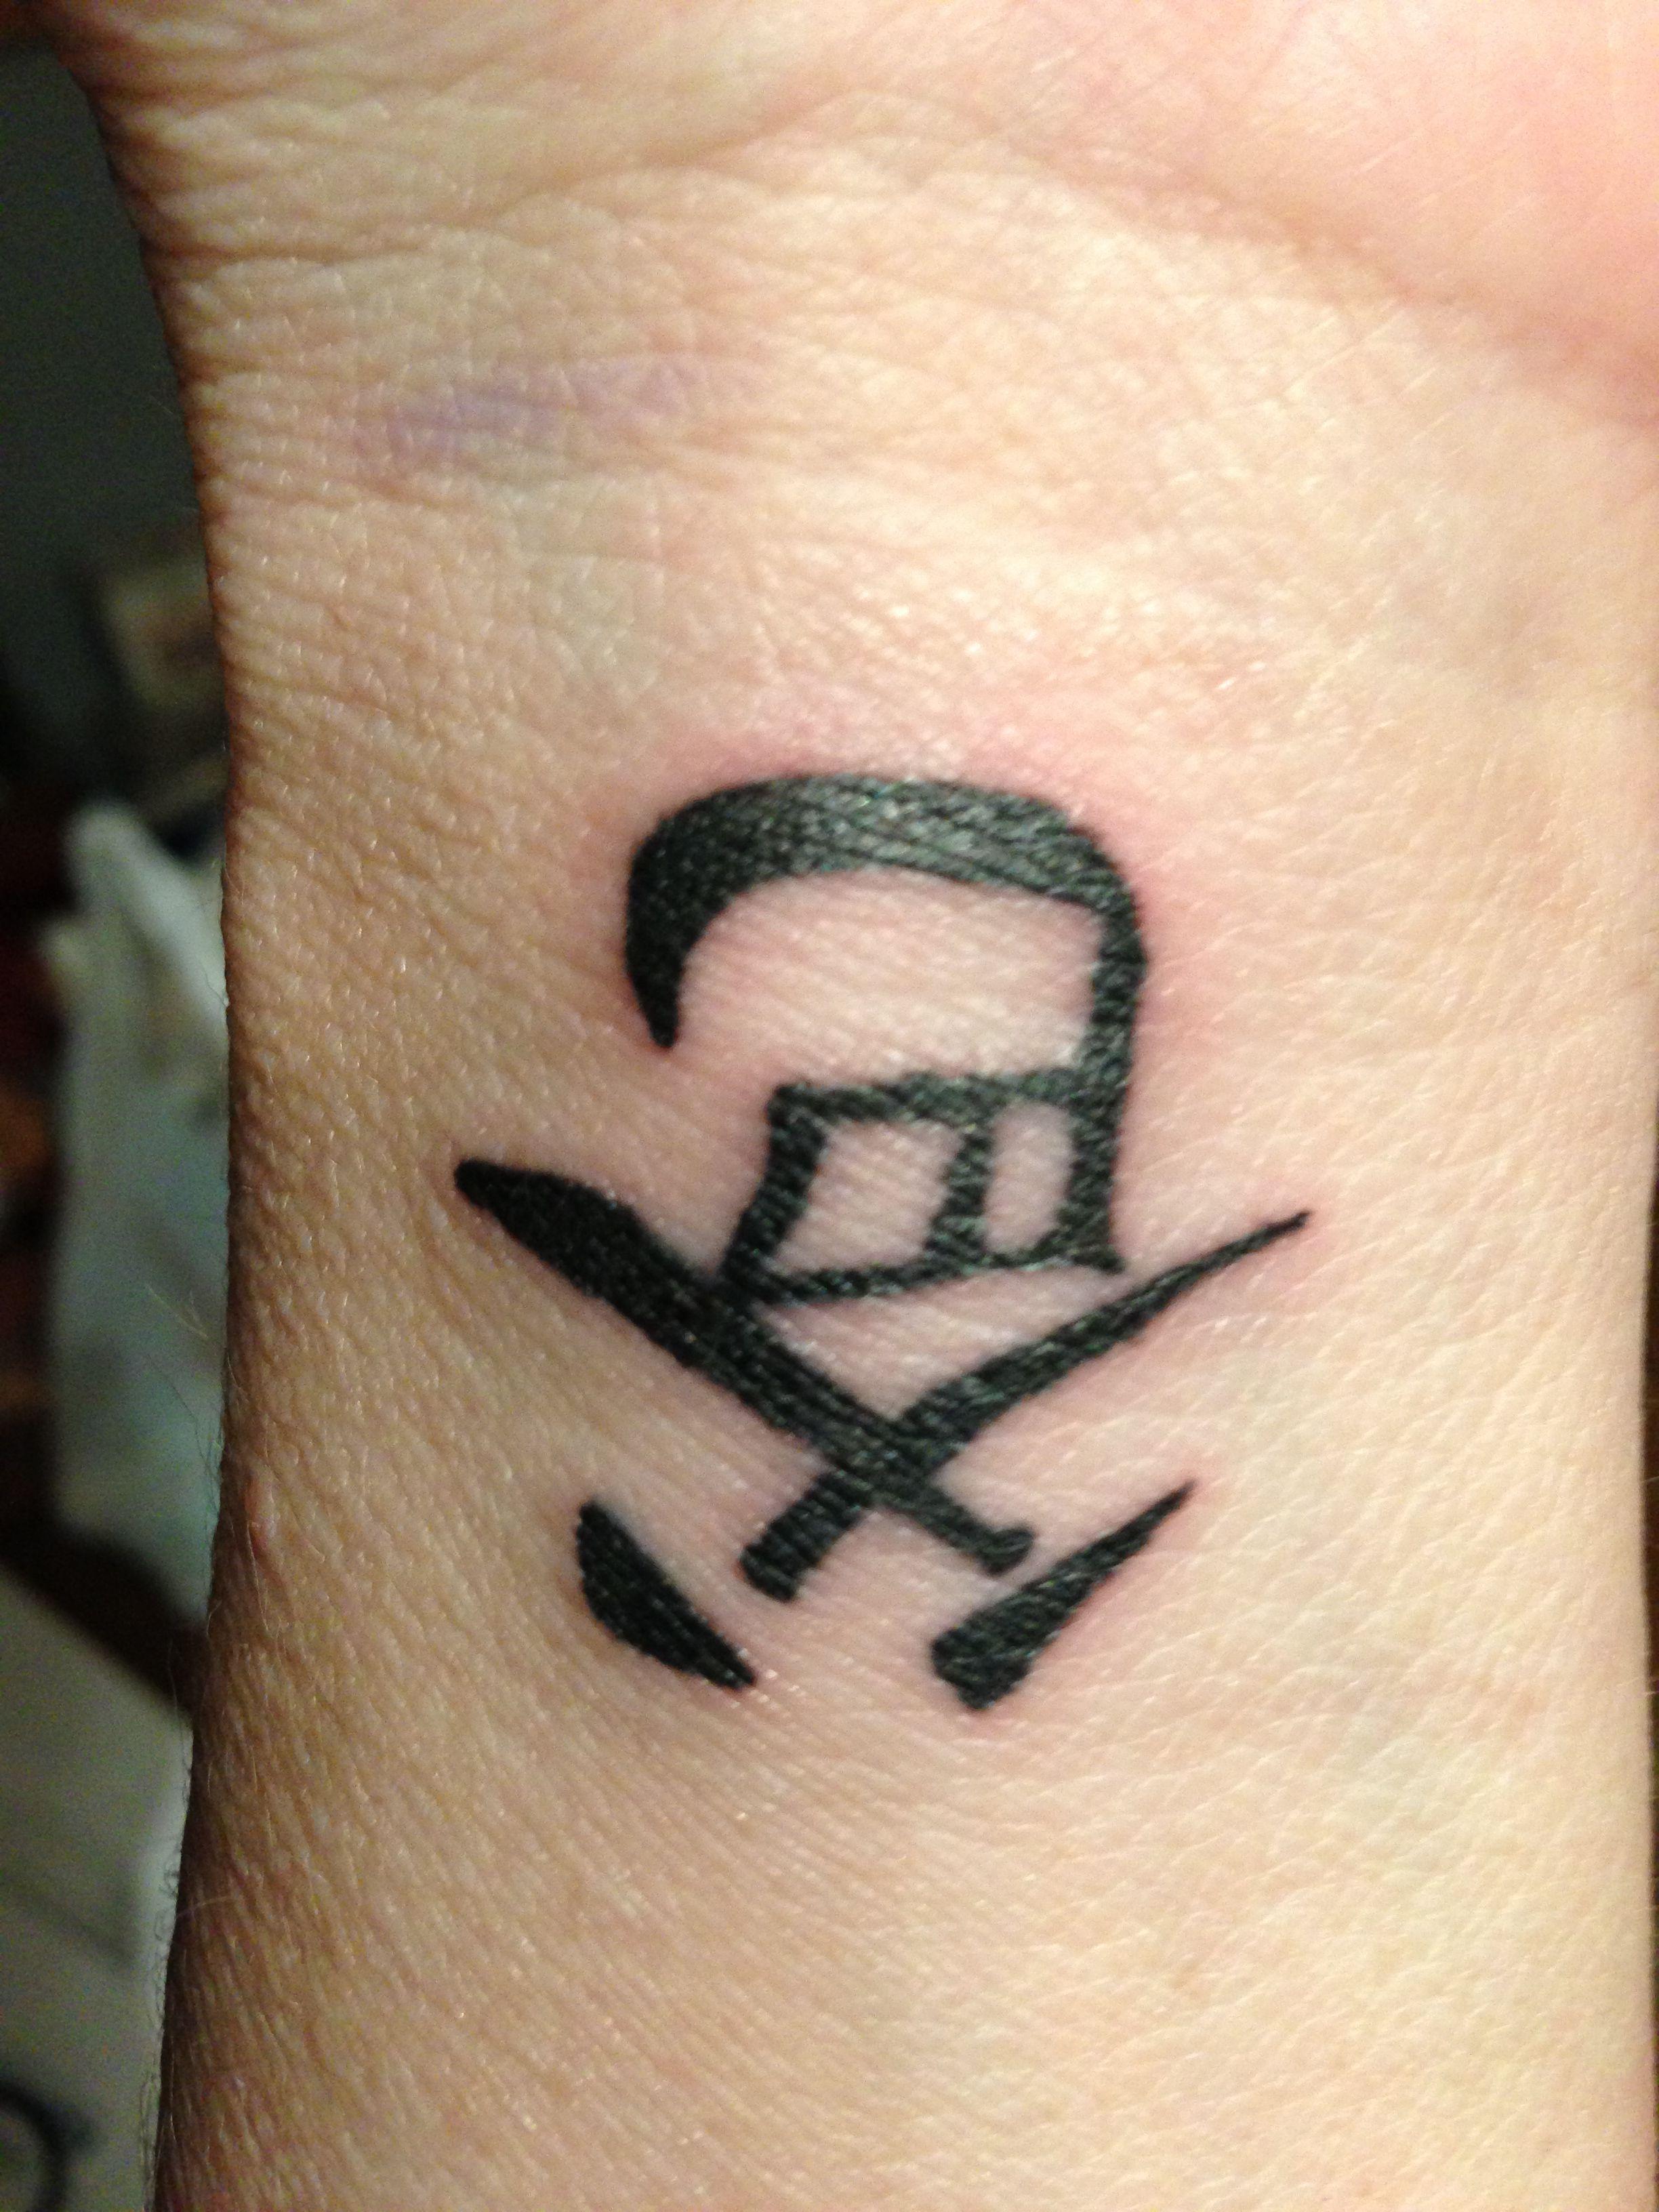 My New Tattoo Means Dad In Chinese Karya Seni 3d Seni 3d Karya Seni